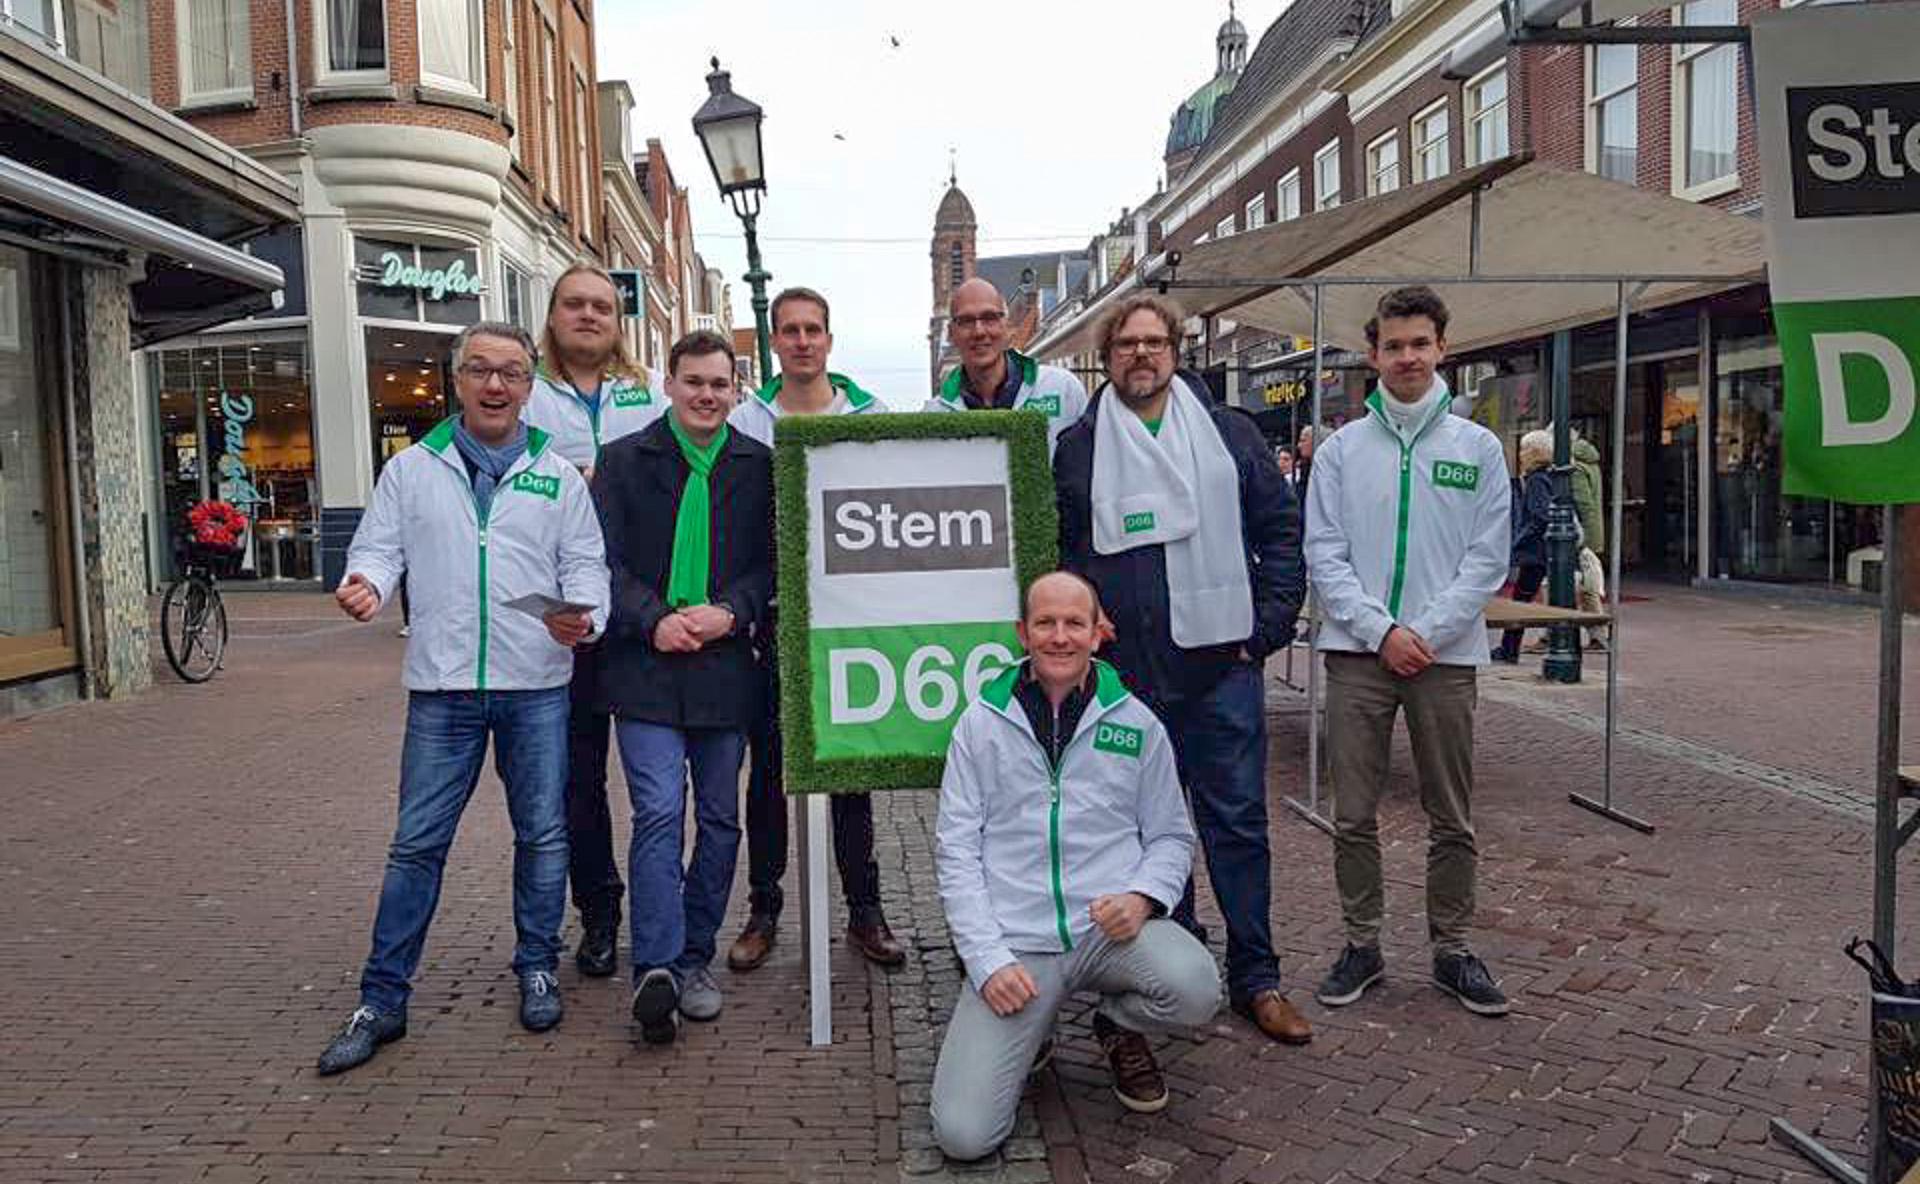 Nieuwe lijsttrekker D66 voor Hoorn, Medemblik en Enkhuizen bekend